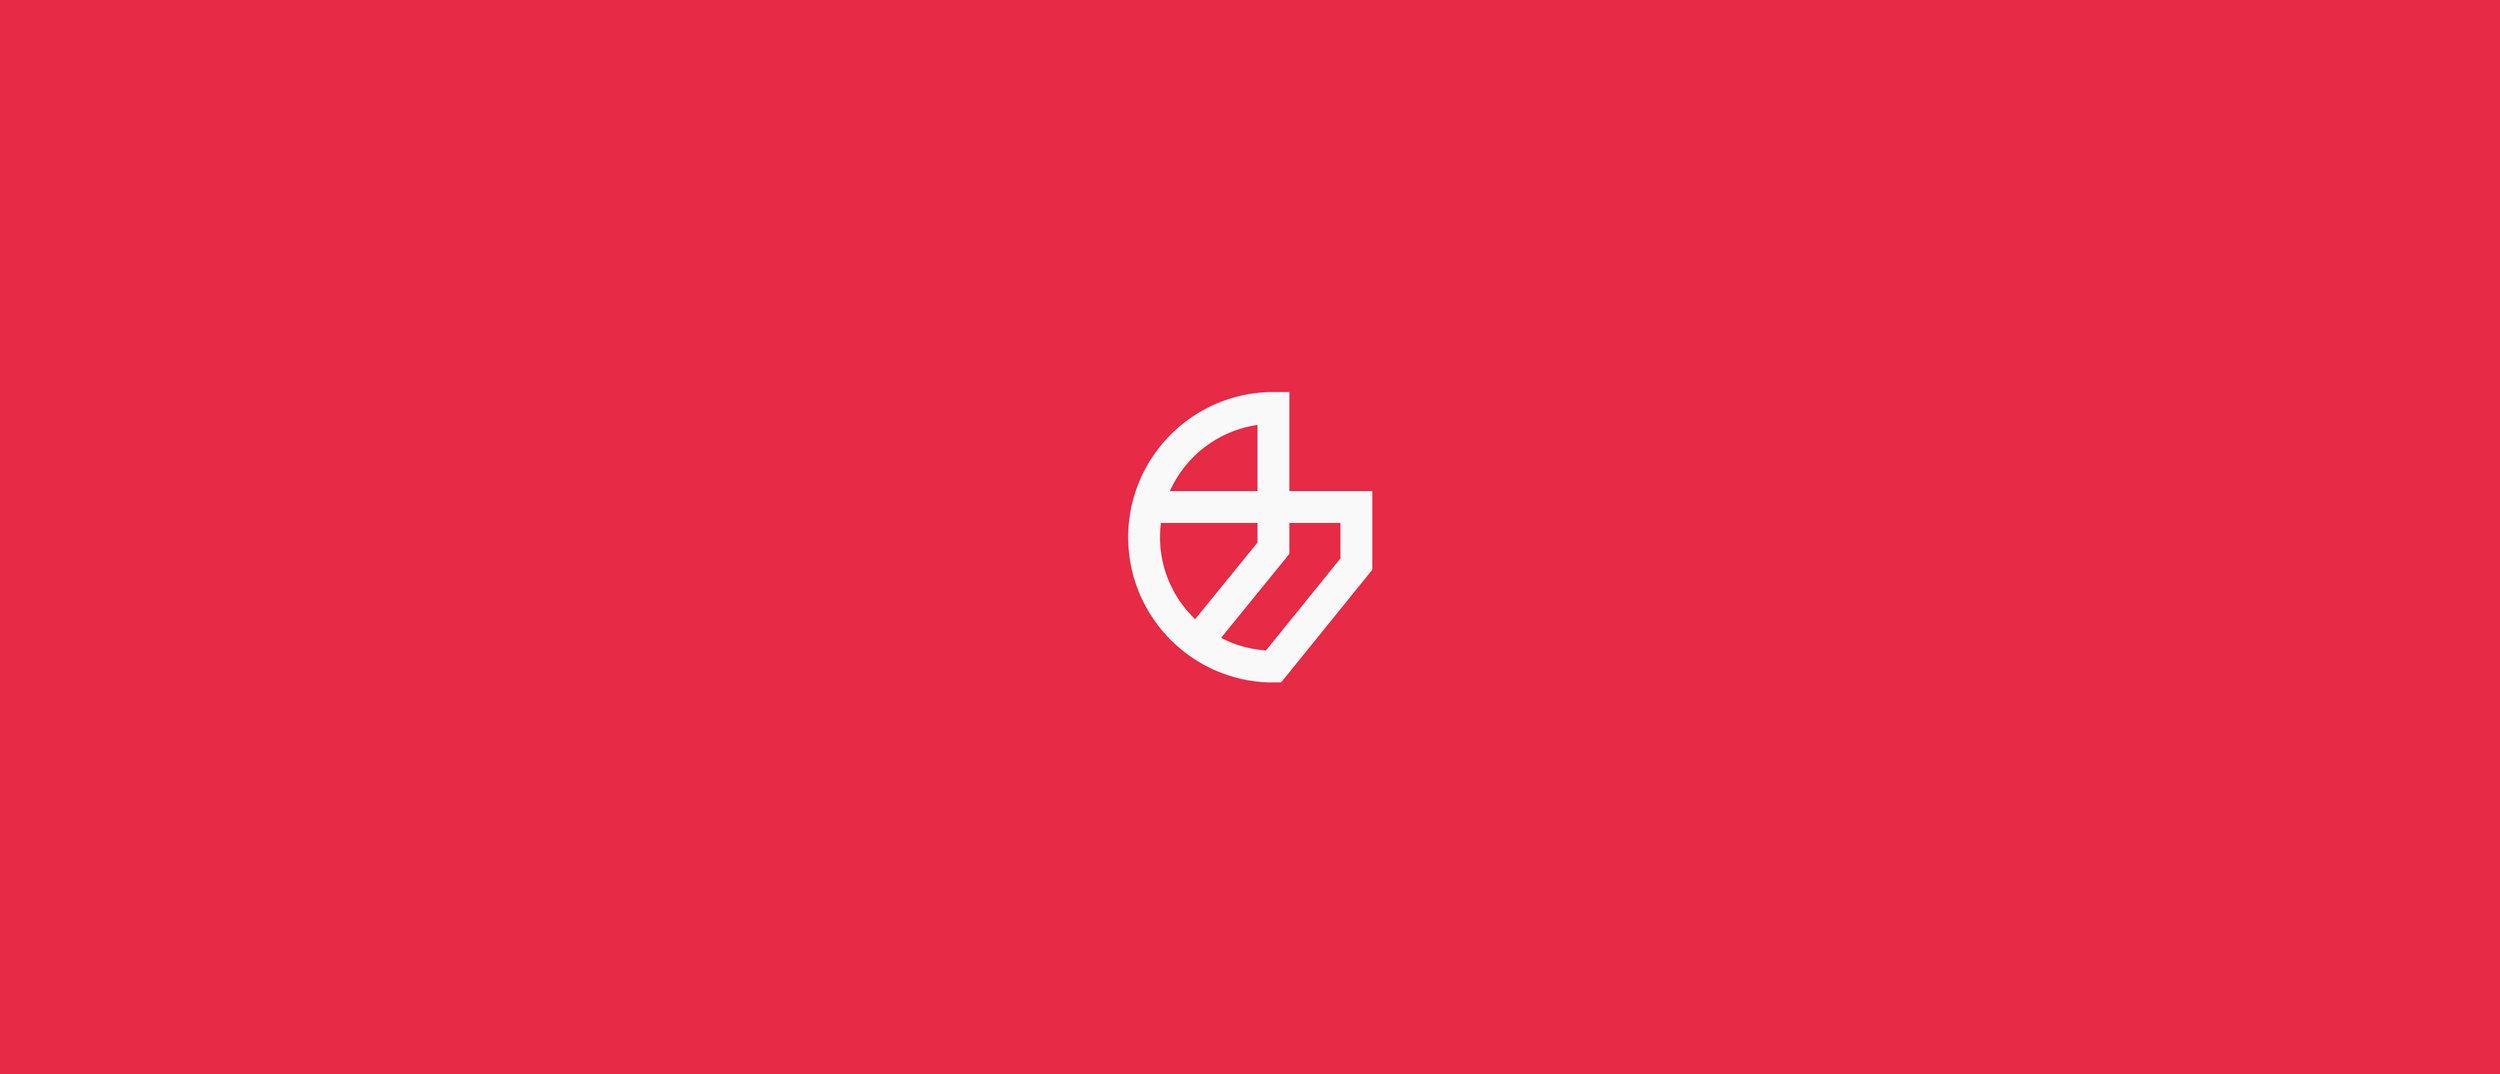 GrayJam | Sofware Development Company | 2016